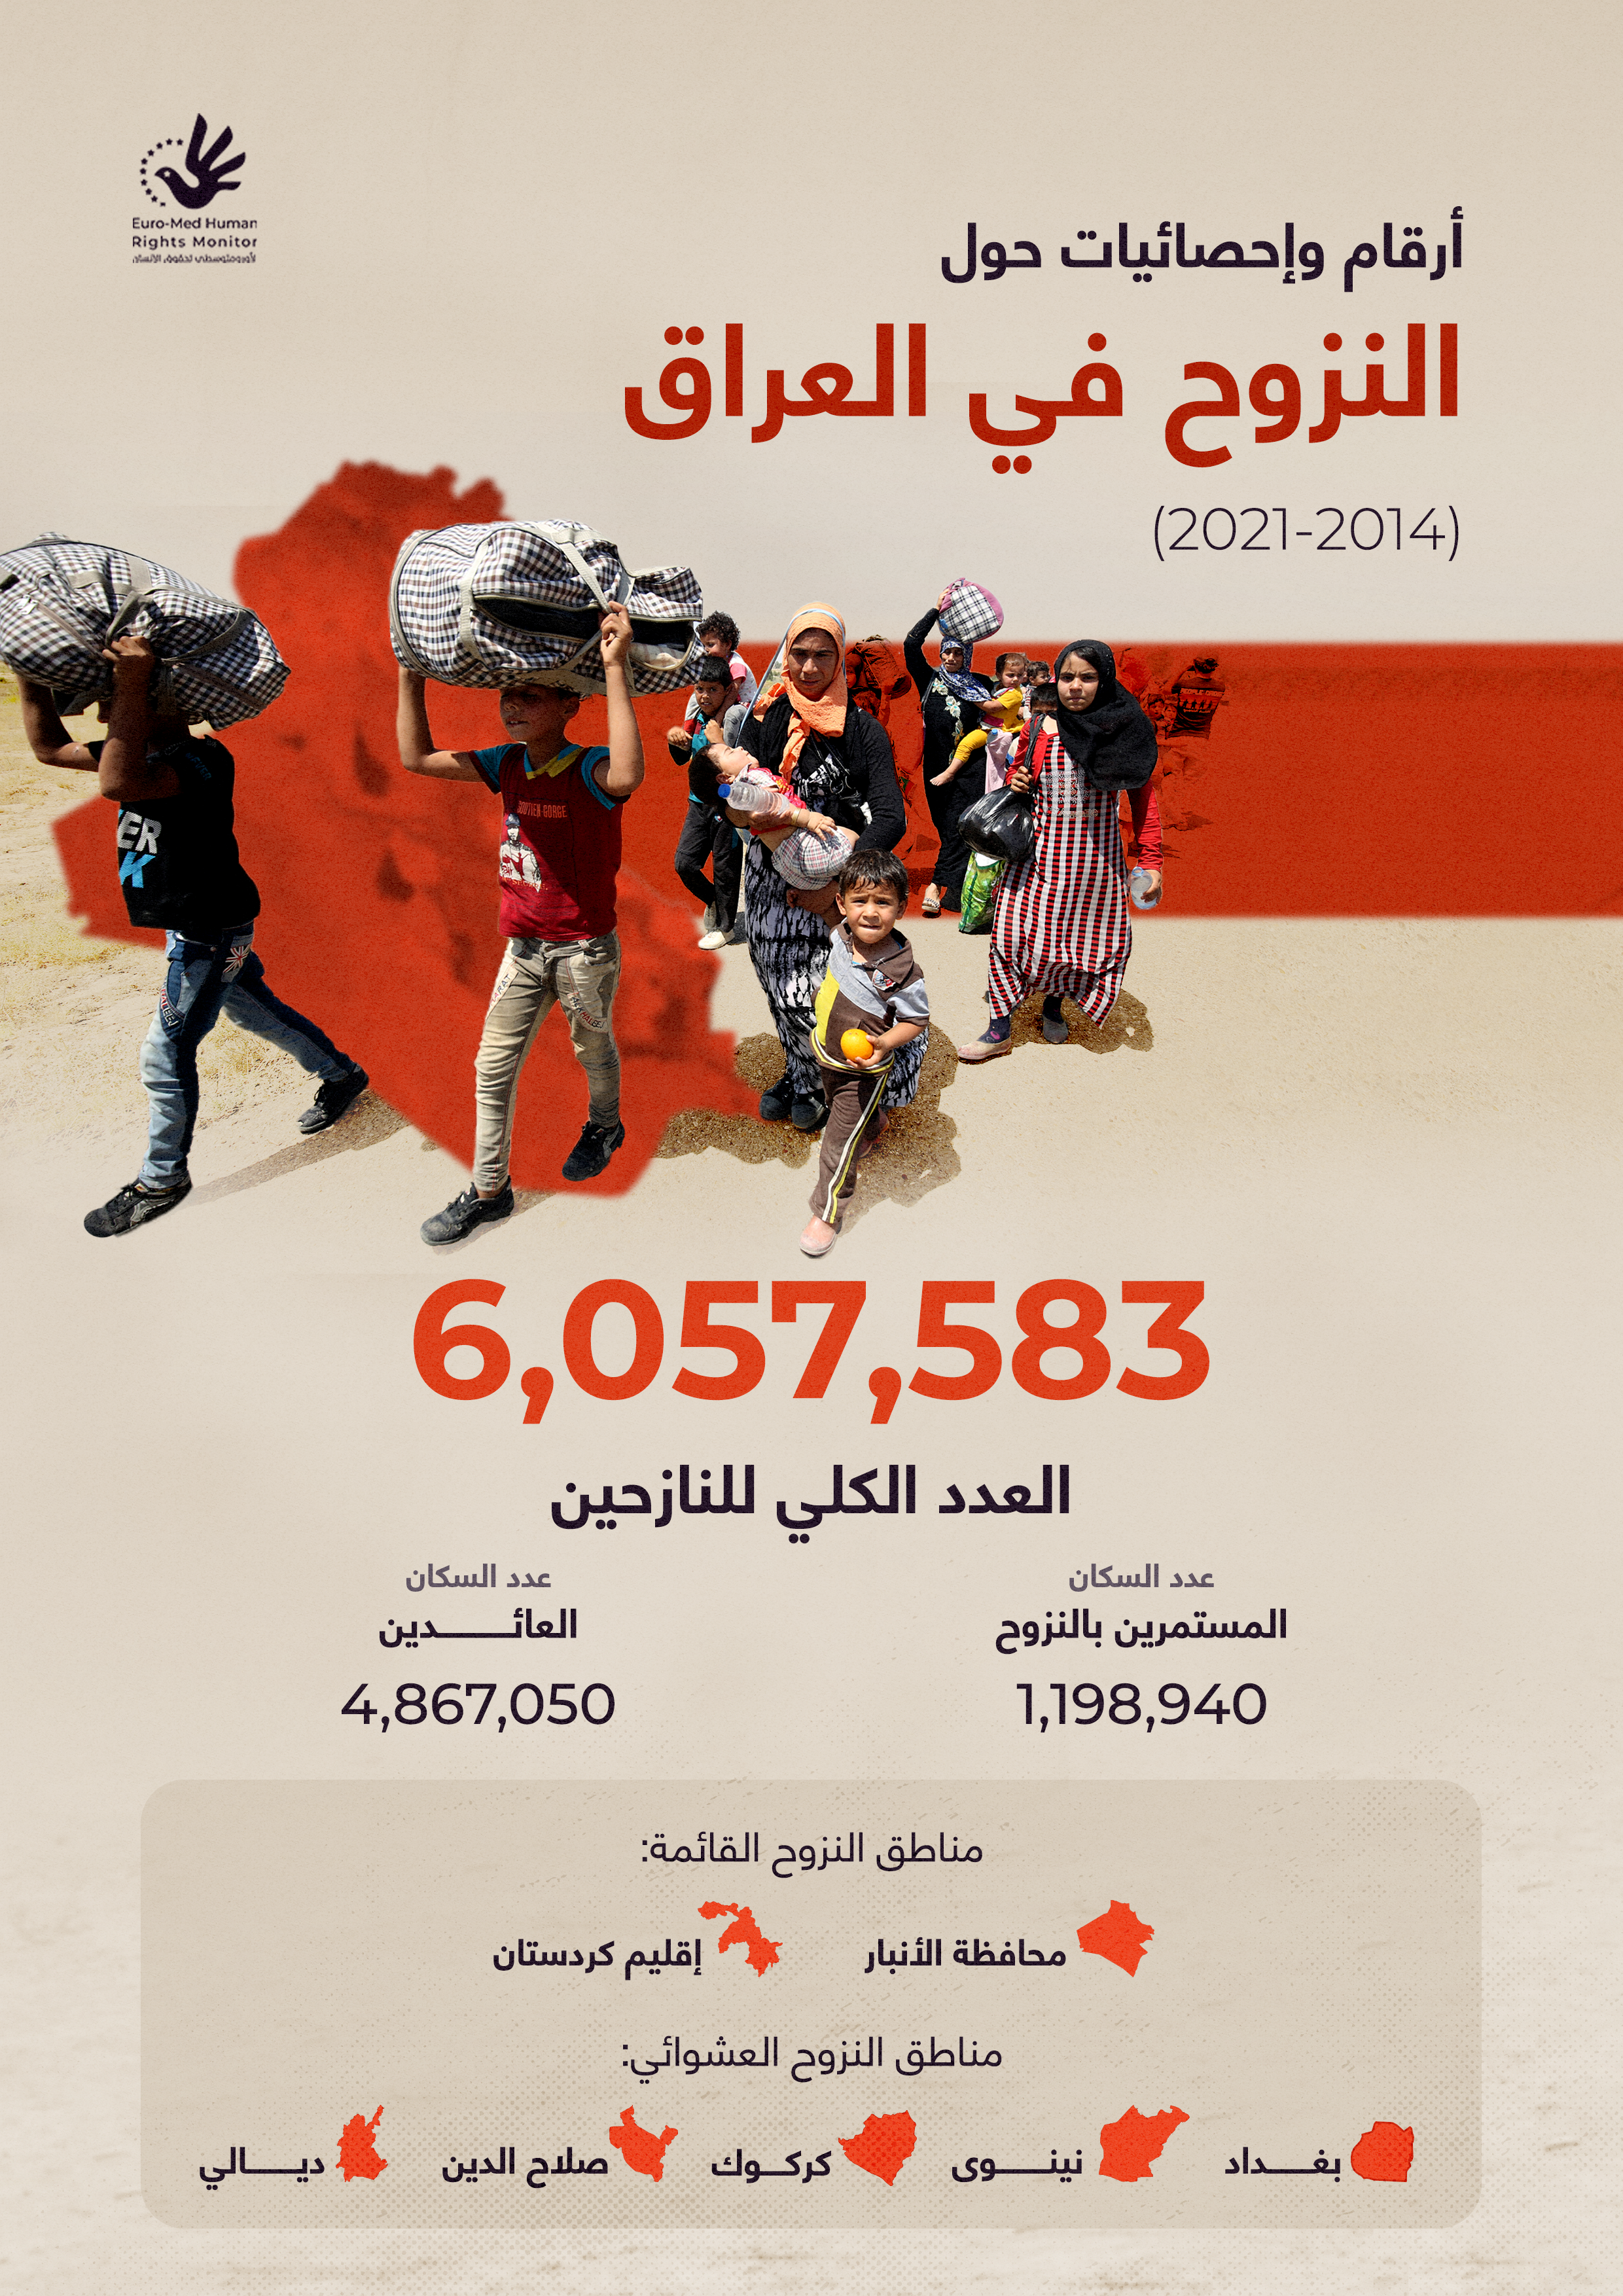 أرقام وإحصائيات حول النزوح في العراق (2014 - 2021)